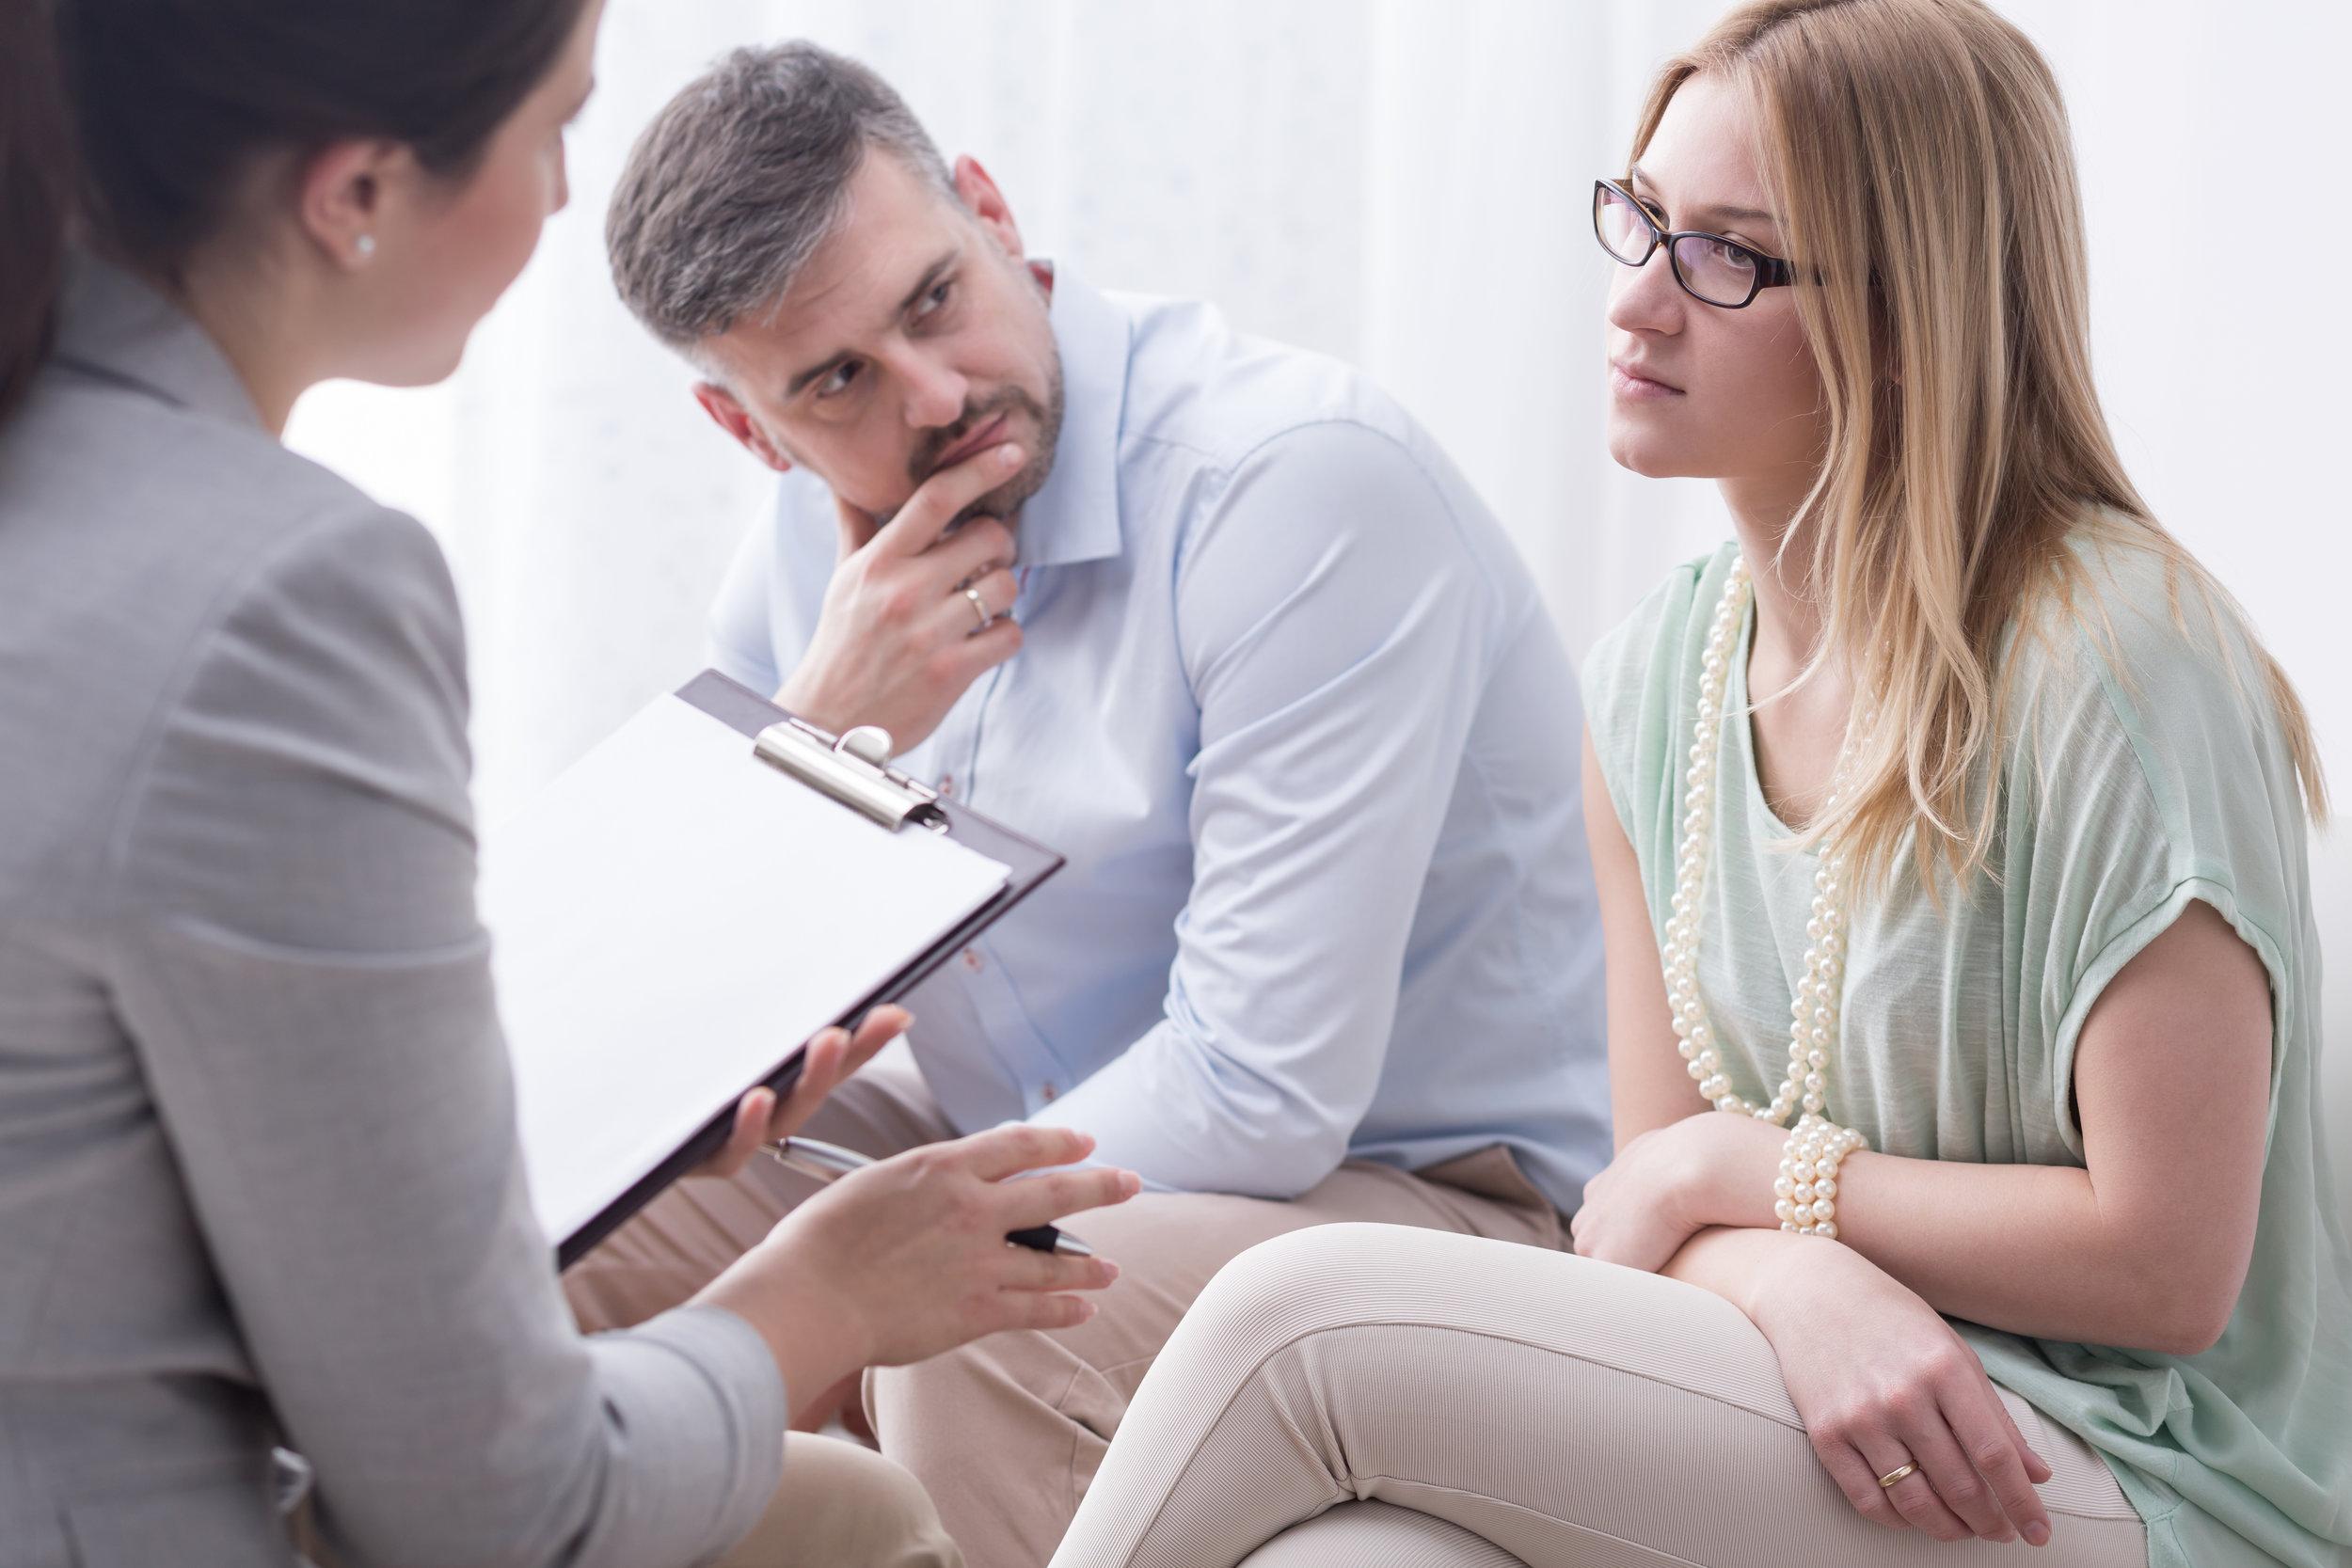 Scheidungmit gemeinsamen Anwalt - Kann ein gemeinsamer Anwalt mit der Scheidung beauftragt werden?